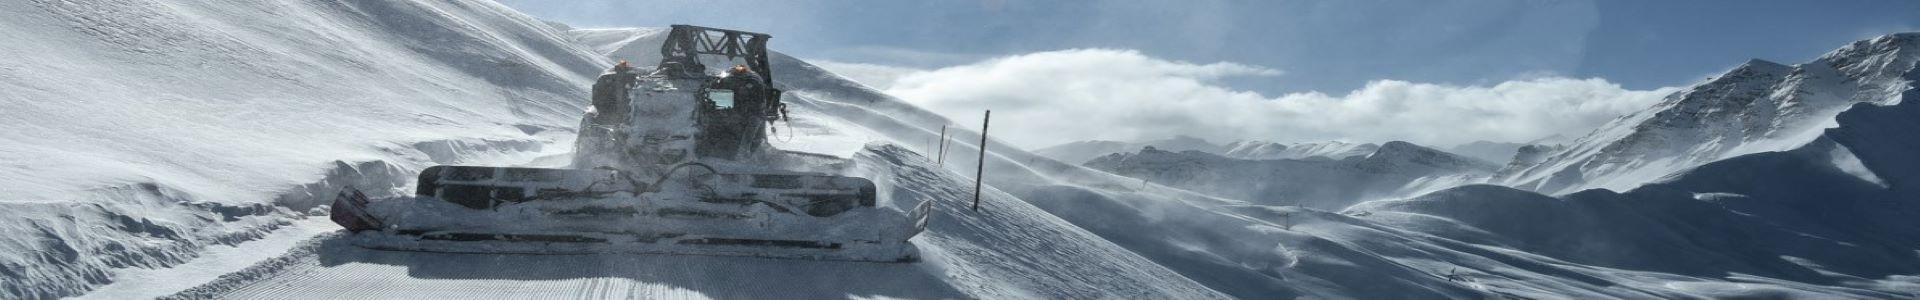 skietneige-2984